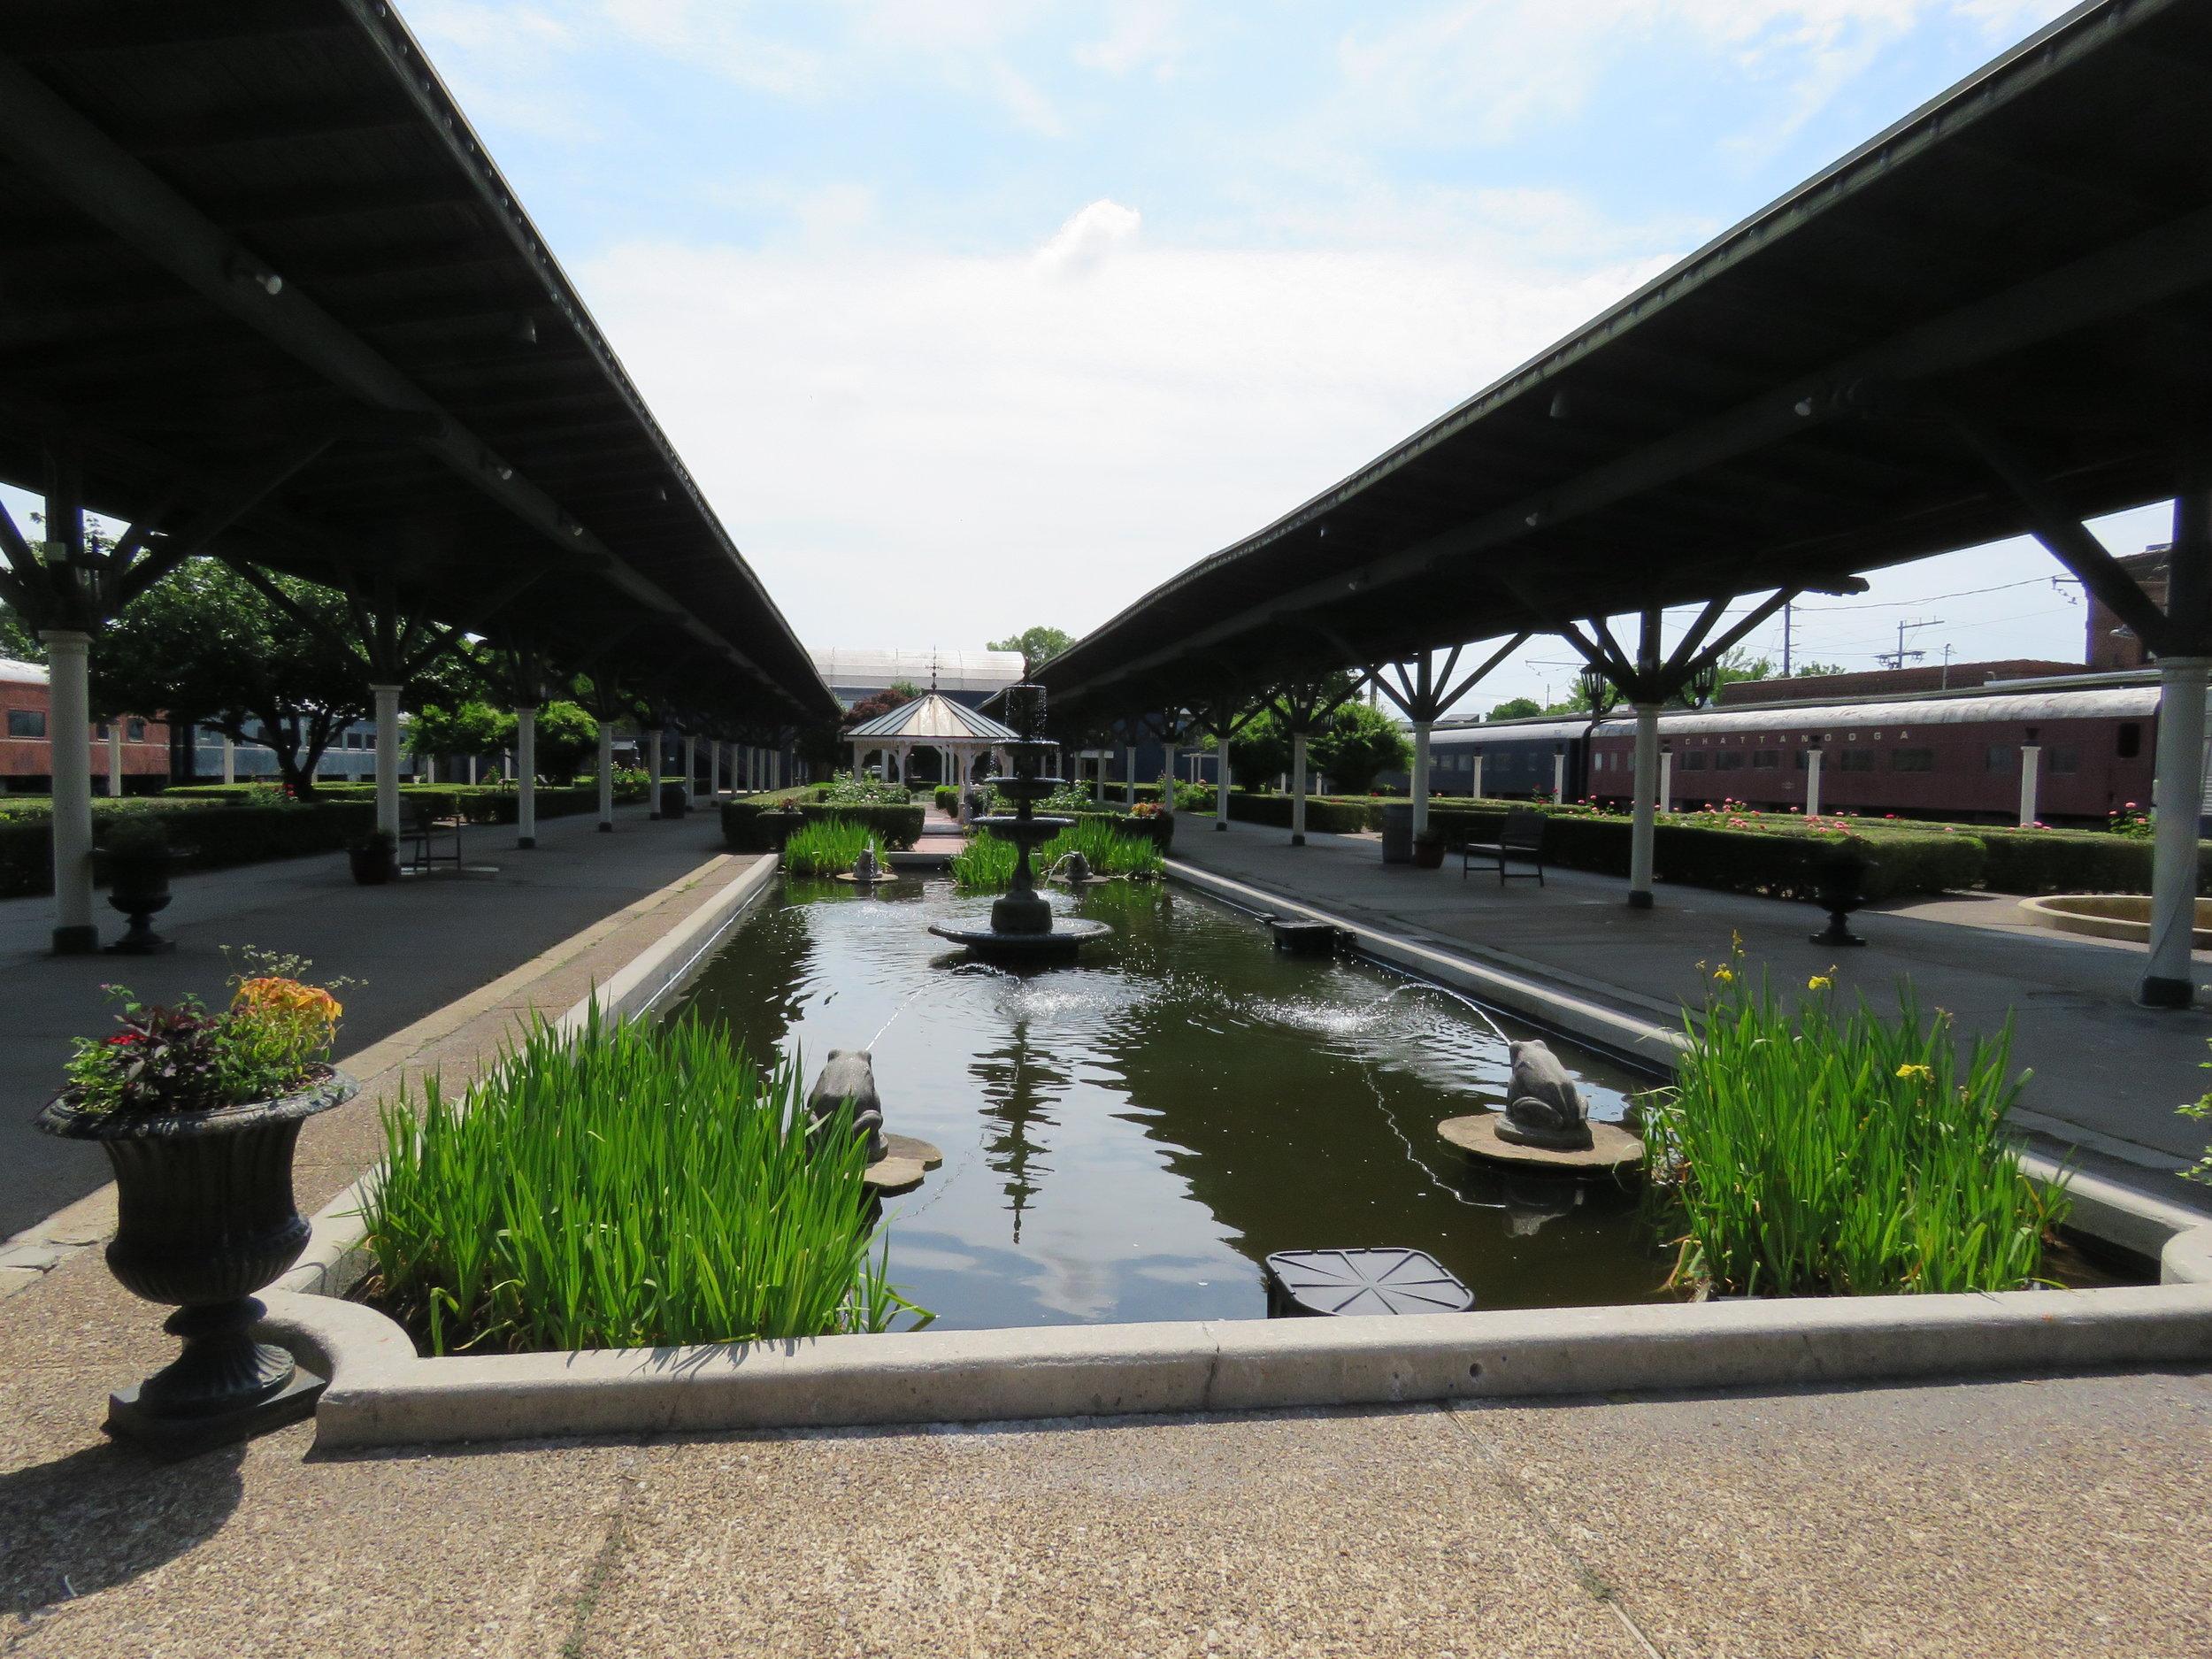 Choo Choo Gardens